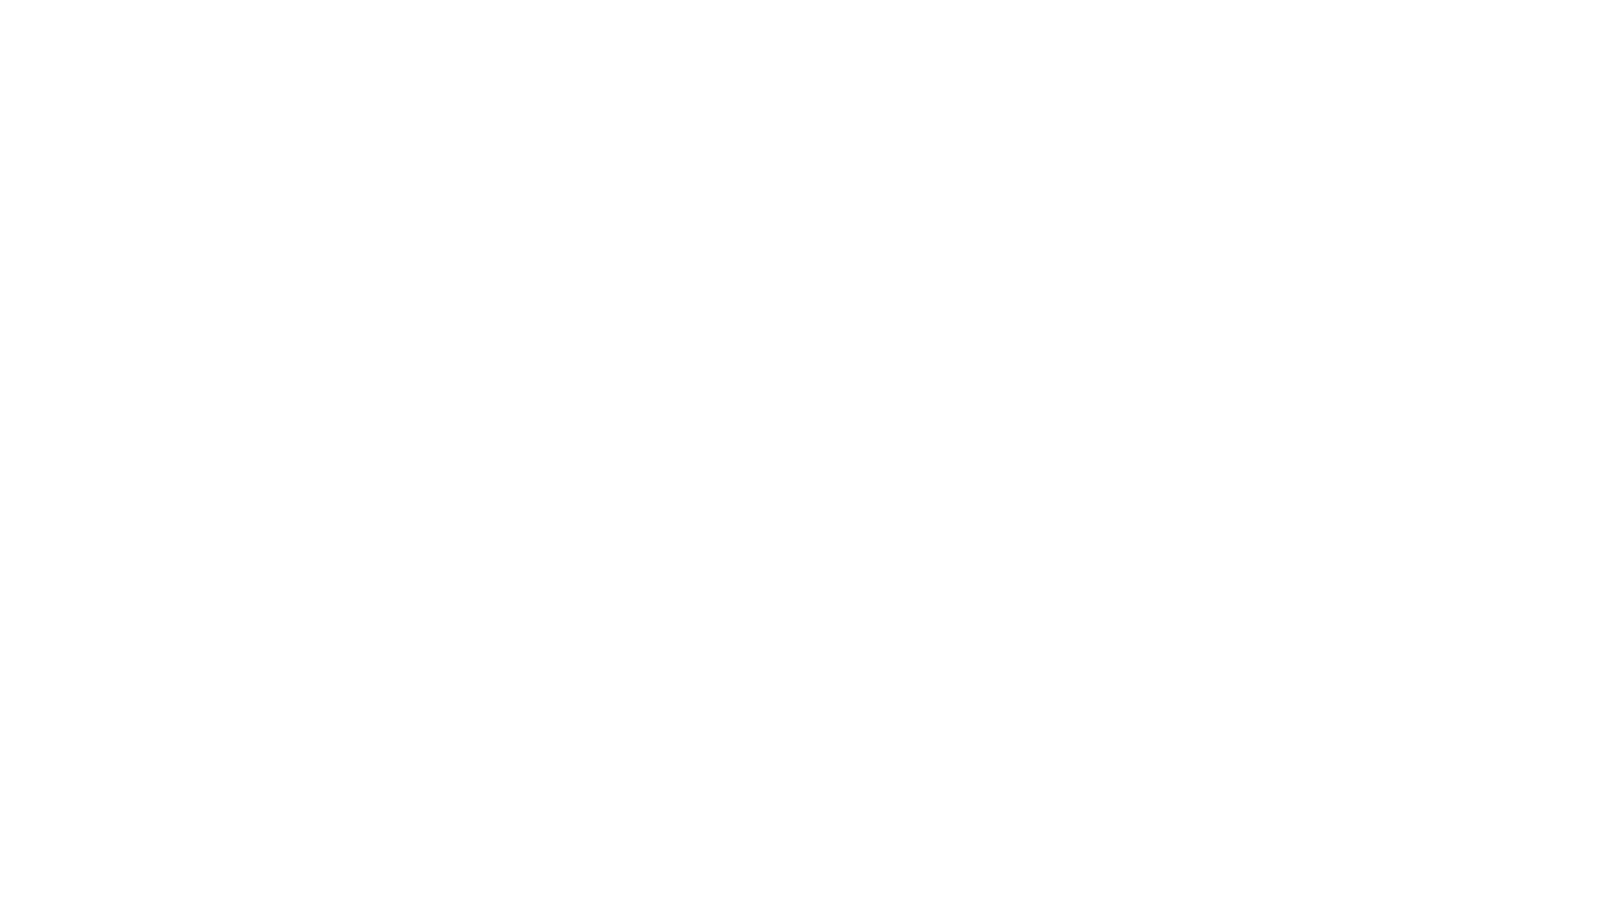 Δες τα ολοκληρωμένα πακέτα coaching του Νίκου Ανδρέου και διάλεξε το κατάλληλο για σένα: https://couplegoals.gr/paketa-coaching-apo-niko-andreou/  ▼MHN ΞΕΧΝΑΣ ΝΑ ΚΑΝΕΙΣ SUBSCRIBE ΓΙΑ ΝΕΑ ΒΙΝΤΕΟ▼  Ο dating coach και συγγραφέας των best sellers «Πώς Να Έχεις Όποιον Άνδρα Θέλεις» και «Τα Μυστικά Της Επανασύνδεσης», Νίκος Ανδρέου, βρέθηκε καλεσμένος στο #vivatvshow, όπου συζήτησε για τα μυστικά και τα λάθη που κάνουμε στις ερωτικές μας σχέσεις.  Μερικά από τα hot topics που συζητήθηκαν, είναι τα πιο συχνά λάθη που κάνει μια γυναίκα και οδηγούν τη σχέση της σε τέλμα ή ακόμα και στον χωρισμό, αλλά και τα μυστικά που κρατούν την φλόγα και τον ερωτισμό ζωντανά σε μια σχέση.  ▼Δες εδώ όλα τα διαθέσιμα βιβλία: https://couplegoals.gr/%CF%80%CF%81%CE%BF%CE%B3%CF%81%CE%AC%CE%BC%CE%BC%CE%B1%CF%84%CE%B1-%CE%BA%CE%B1%CE%B9-%CE%B2%CE%B9%CE%B2%CE%BB%CE%AF%CE%B1/  Κάνε like τη σελίδα του στο Facebook: https://www.facebook.com/getyourexpage/